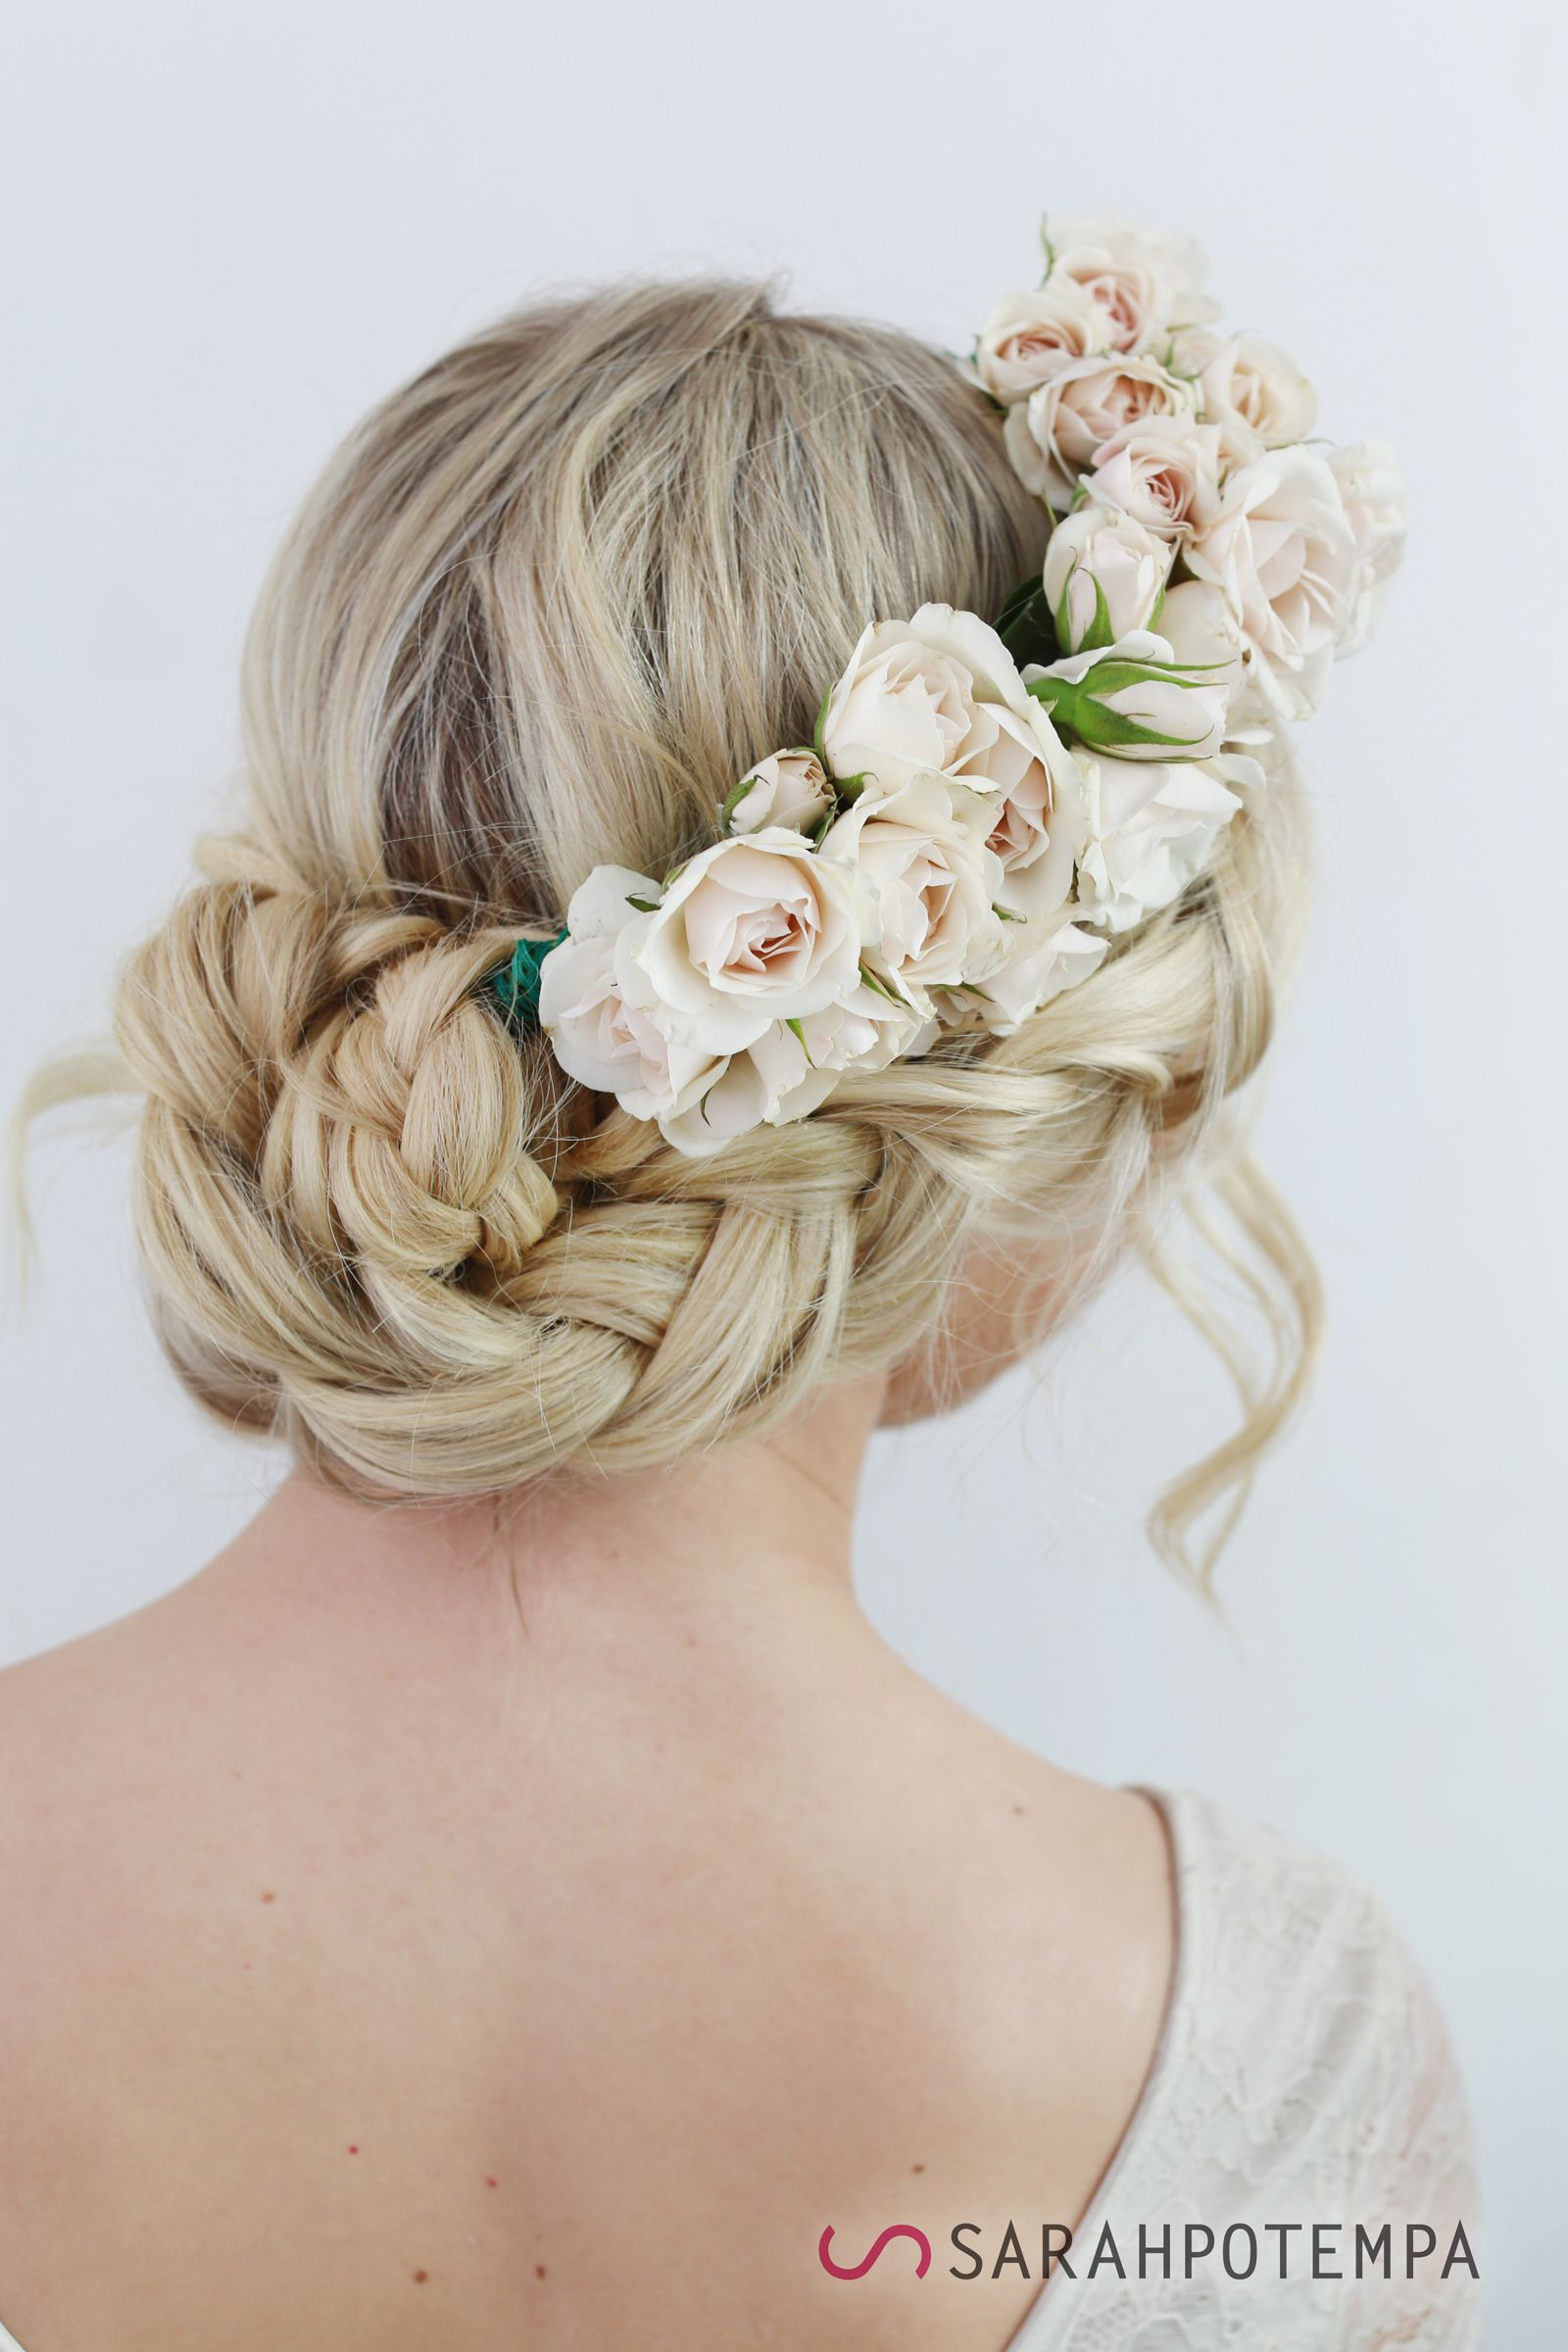 Bridal Braids | SARAHPOTEMPA Hairstyling Tools